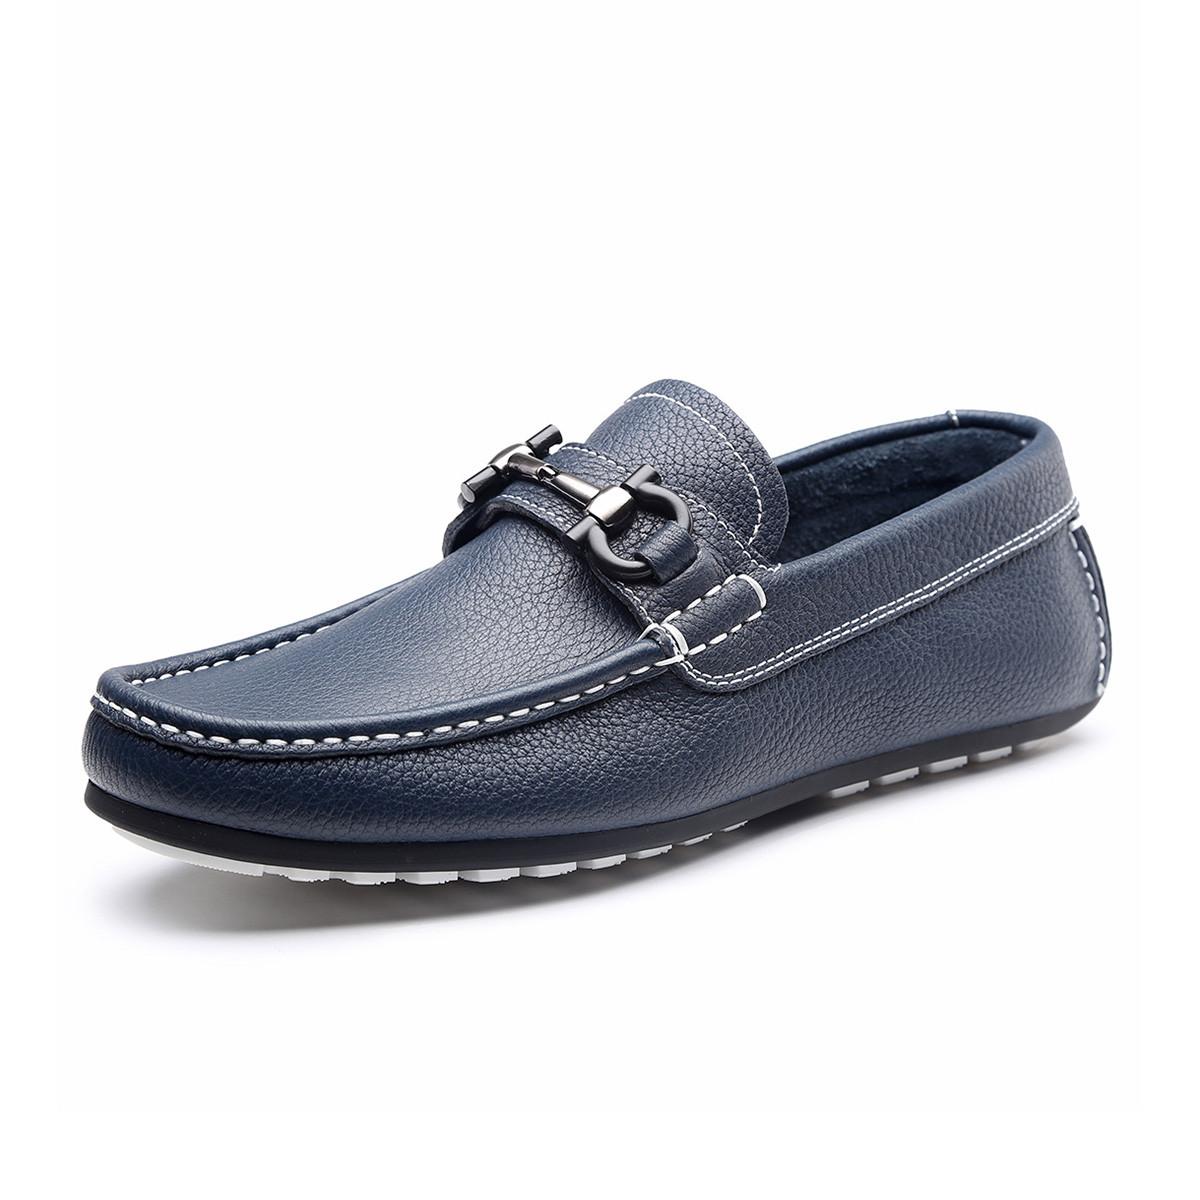 ELLE HOMME商务休闲套脚一脚蹬驾车鞋轻便舒适豆豆鞋司机男士鞋子HKD98185406